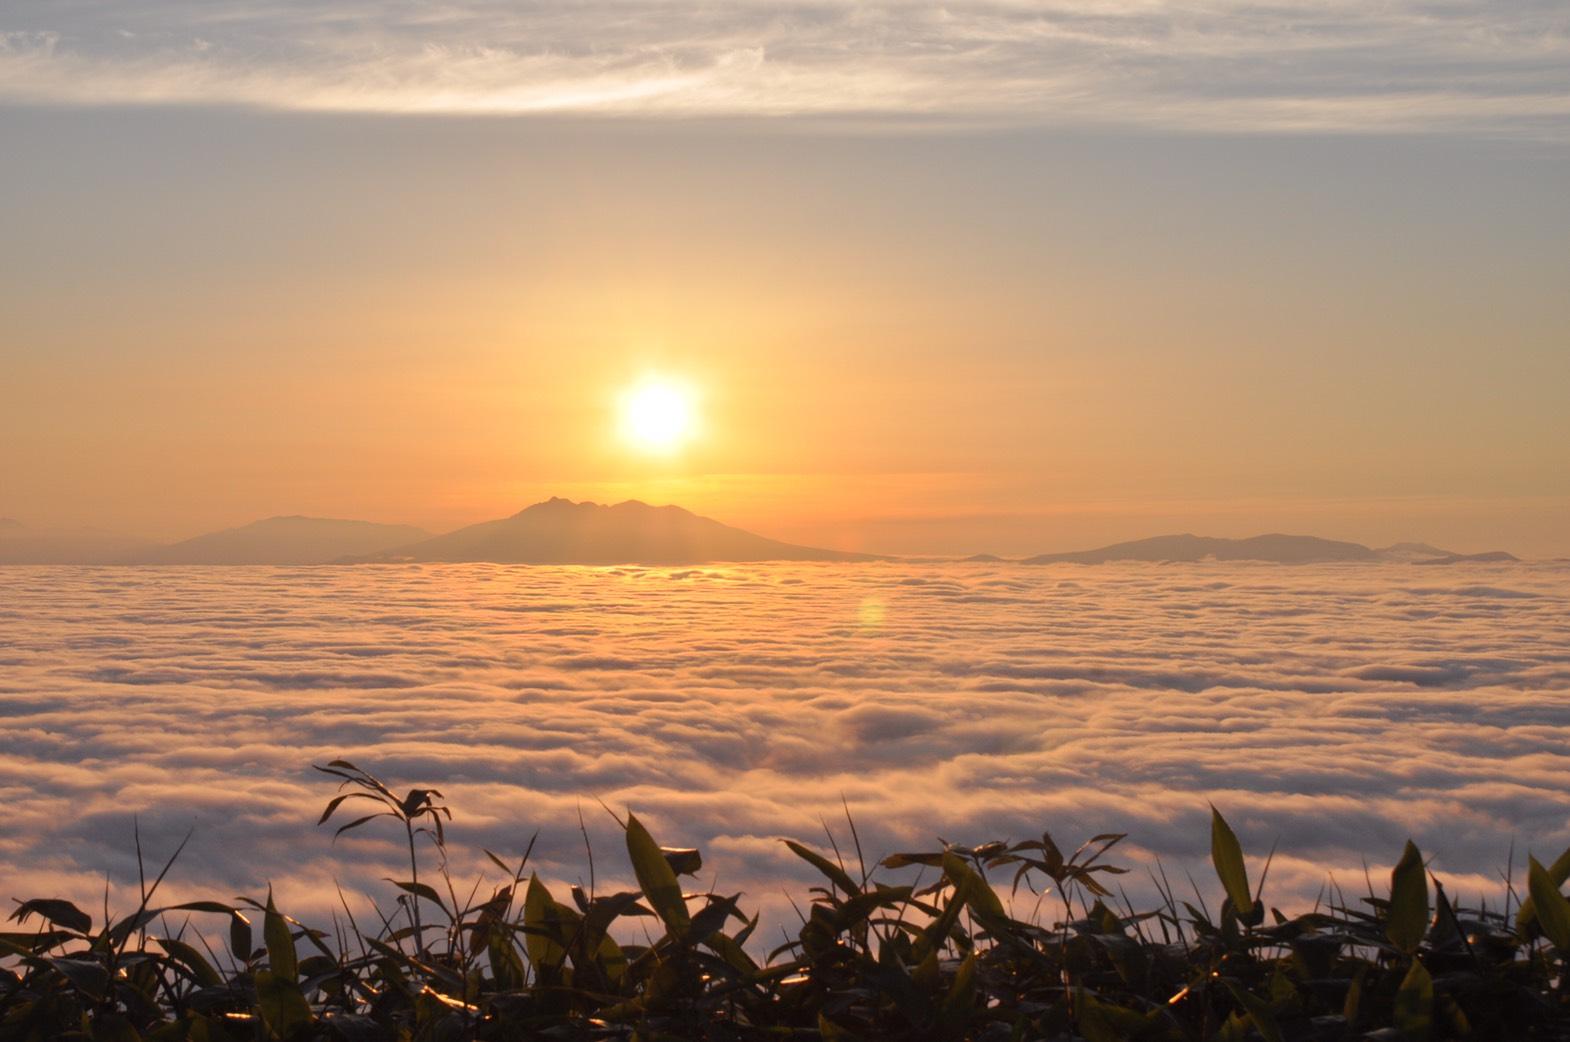 津別峠:欣賞覆蓋在屈斜路湖的遼闊雲海